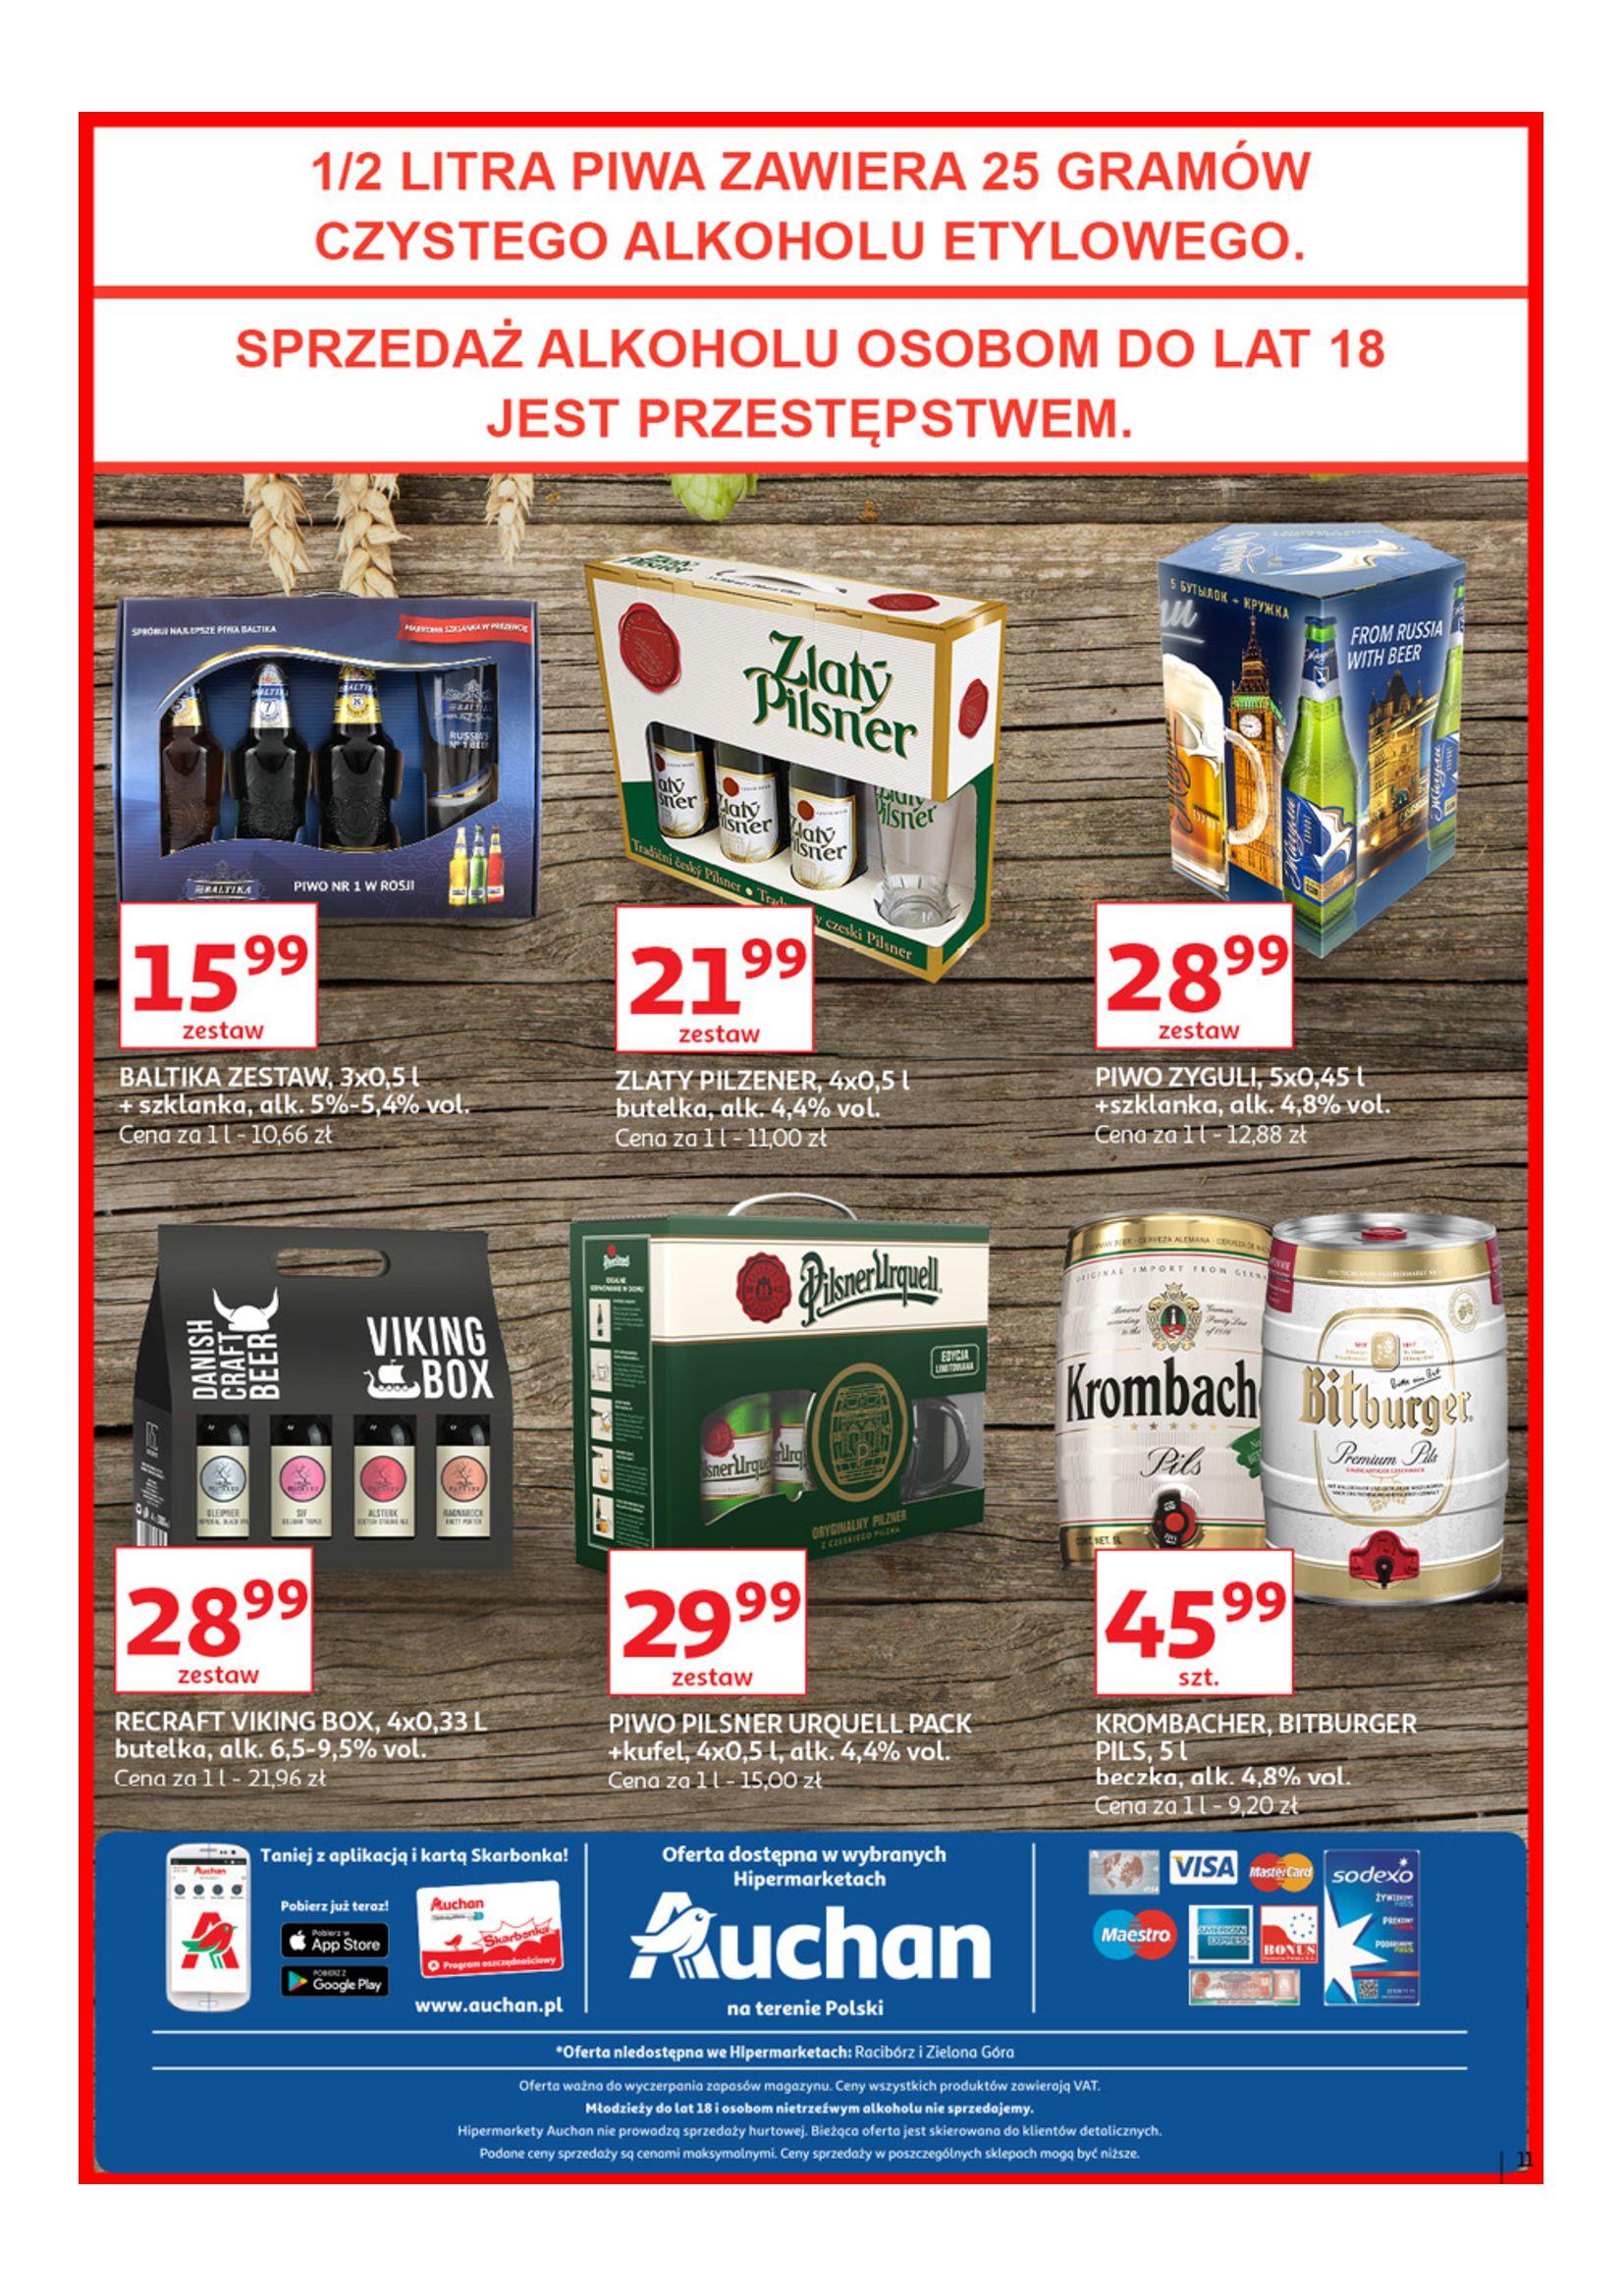 Gazetka Auchan - Poznaj naszą ofertę piw Hipermarkety-12.06.2019-23.06.2019-page-17